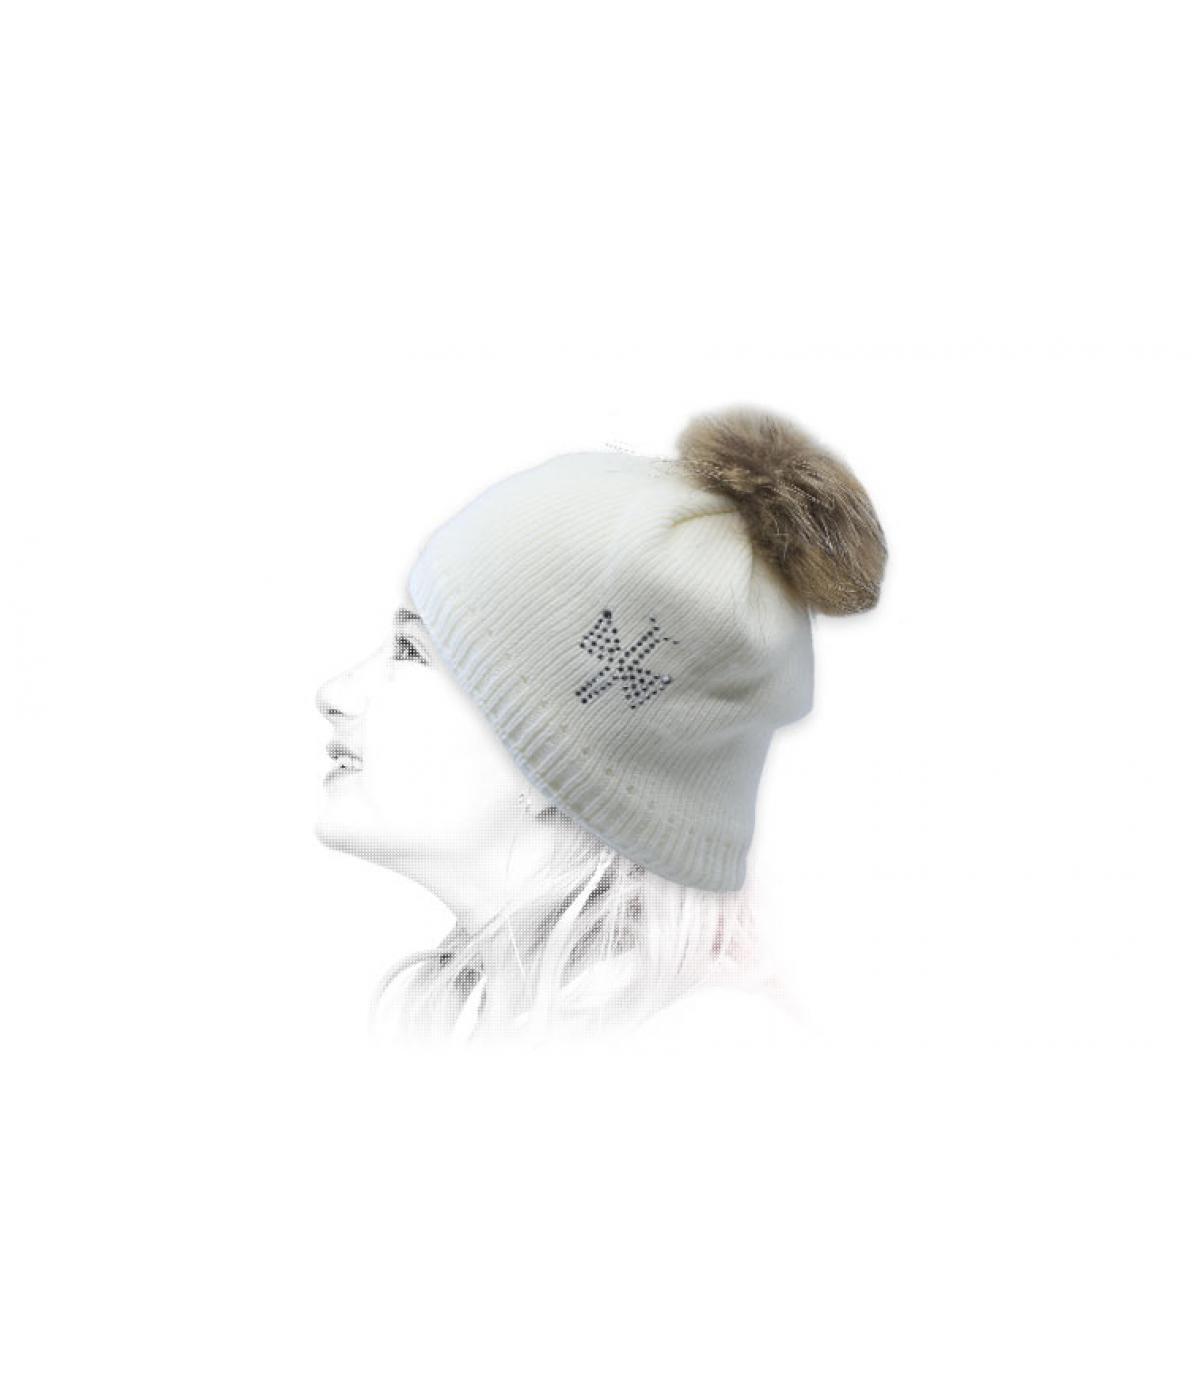 Kinder Mütze weiß Fellbommel